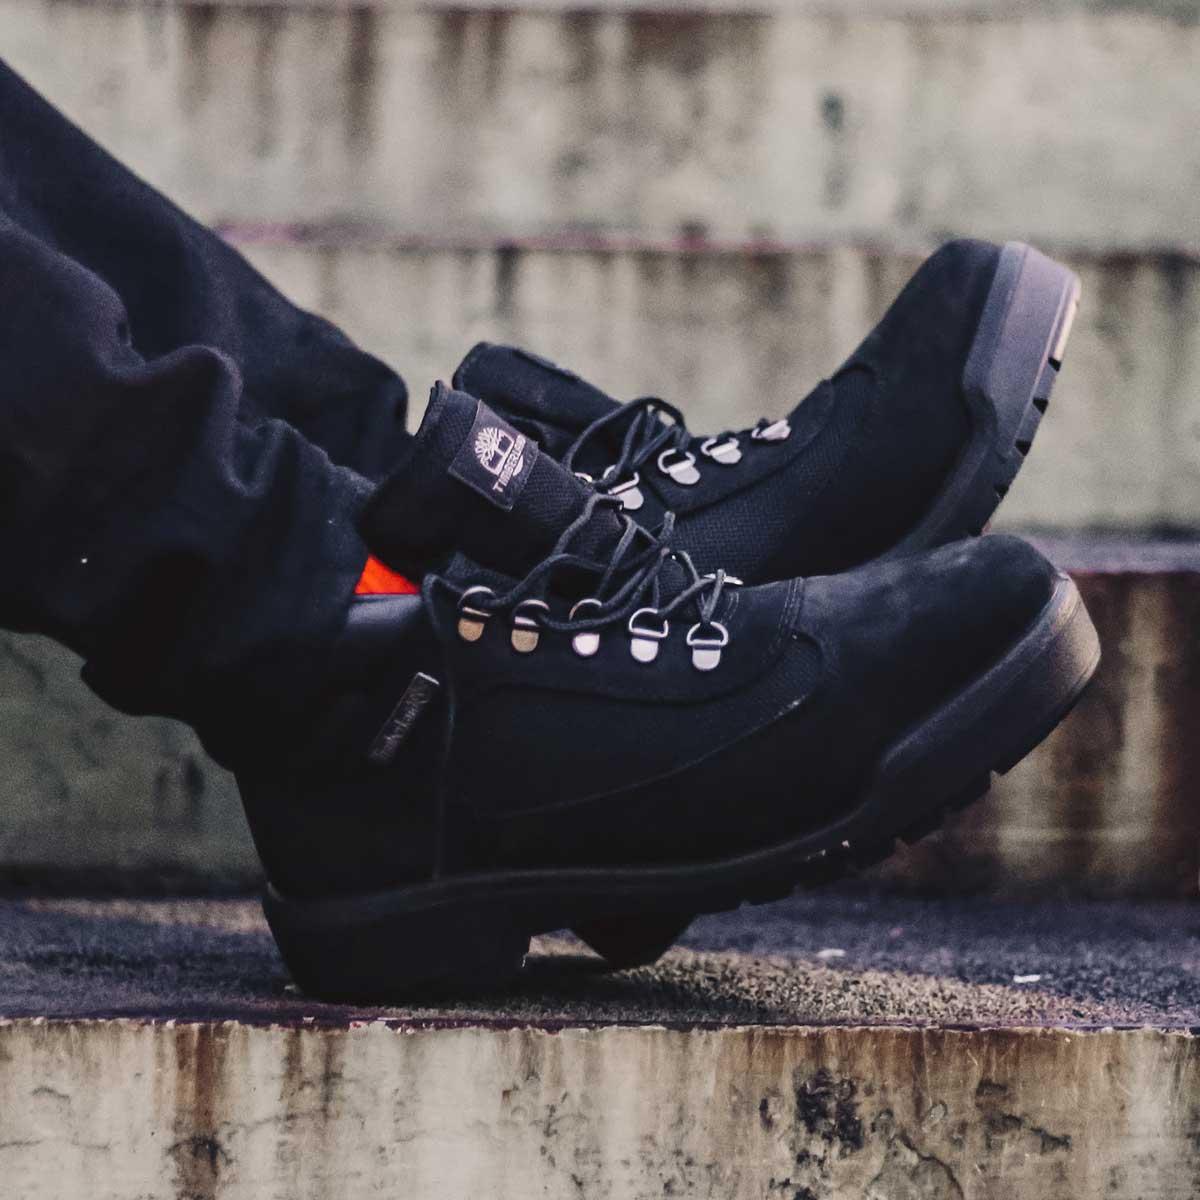 Timberland FIELD BOOT (ティンバーランド フィール ドブーツ)Black Nubuck【メンズ ブーツ】19SP-I